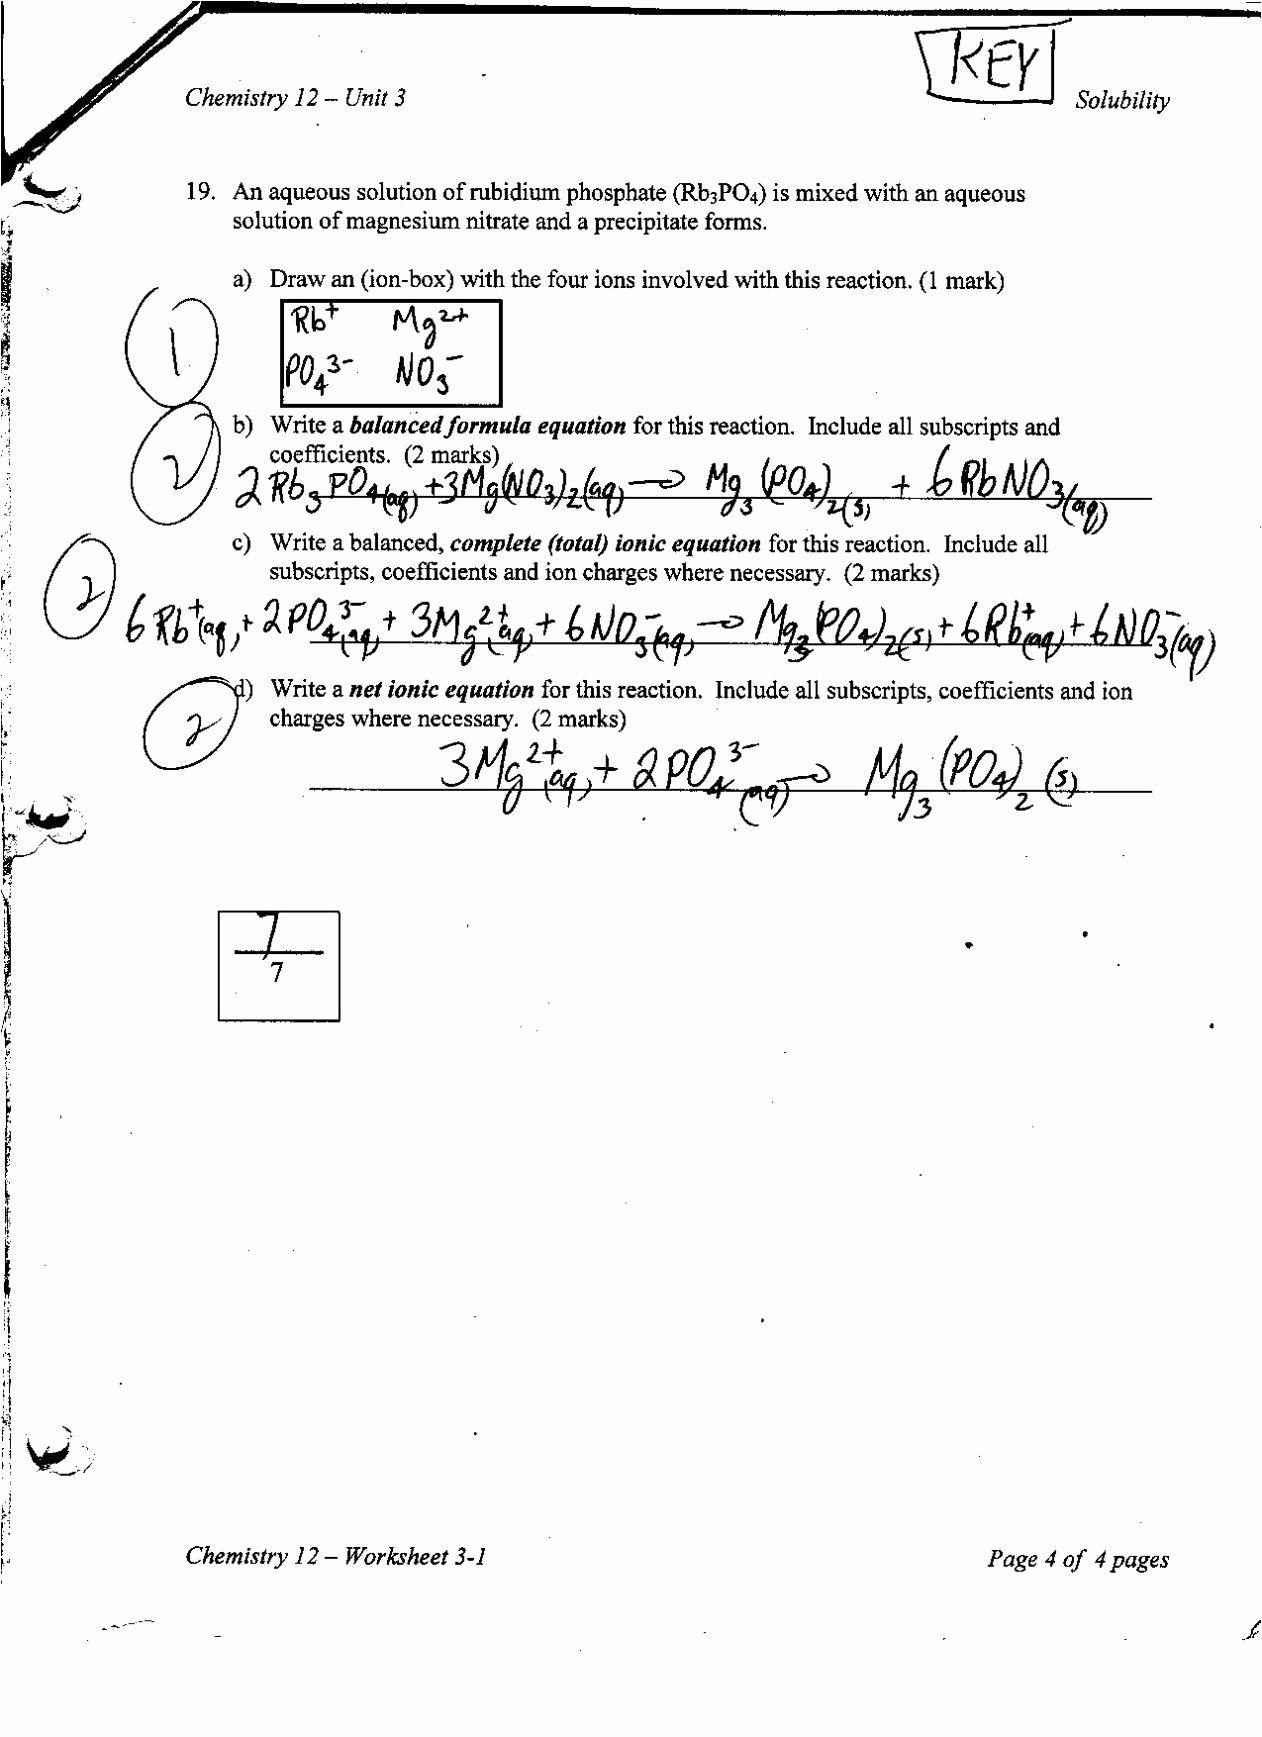 Density Worksheet Chemistry Answers Elegant Chemistry Unit 6 Worksheet 1 Answer Key